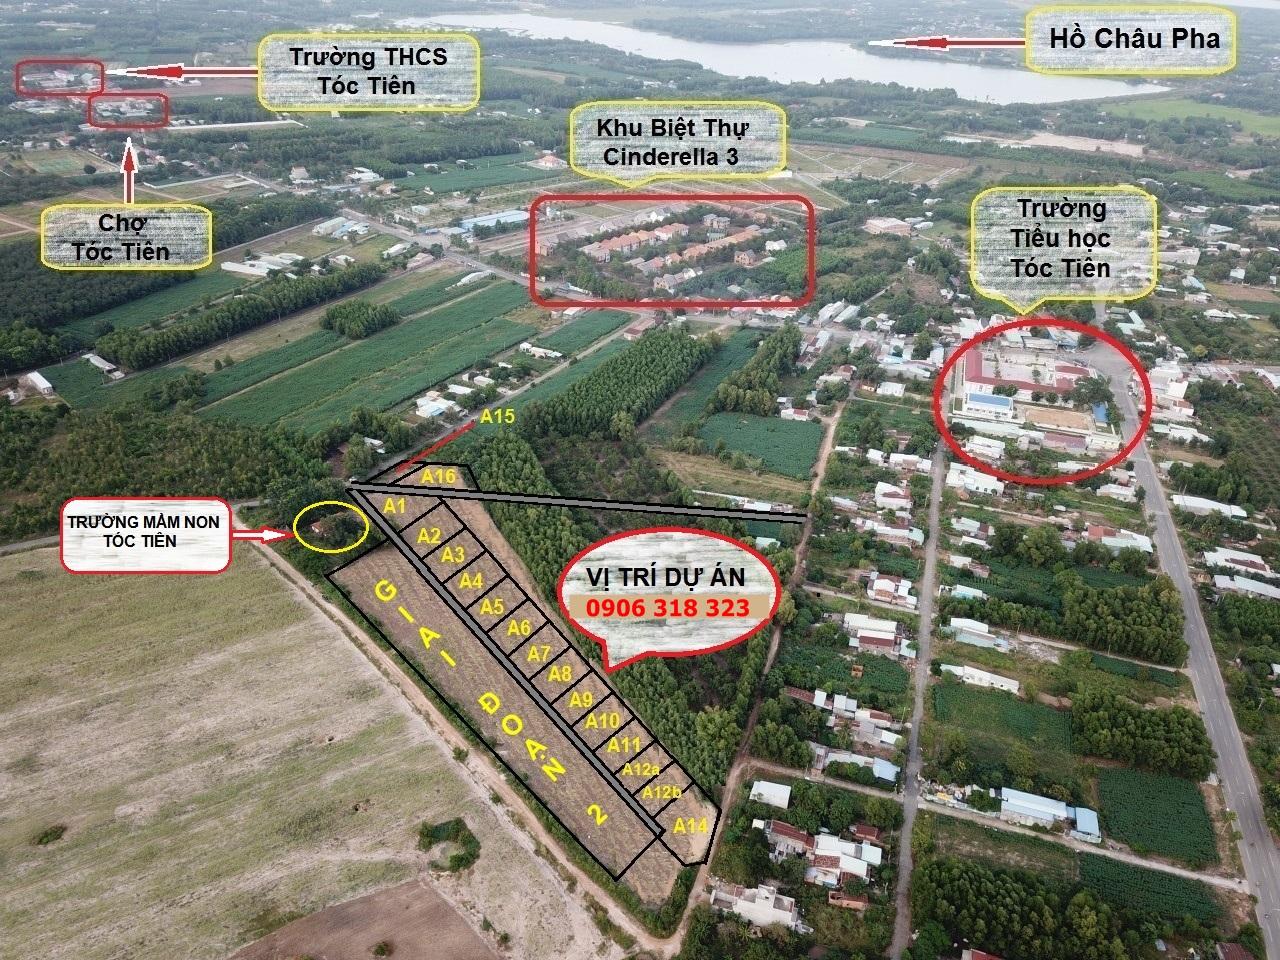 Hình ảnh Flycam đất Tóc Tiên Phú Mỹ Bà Rịa